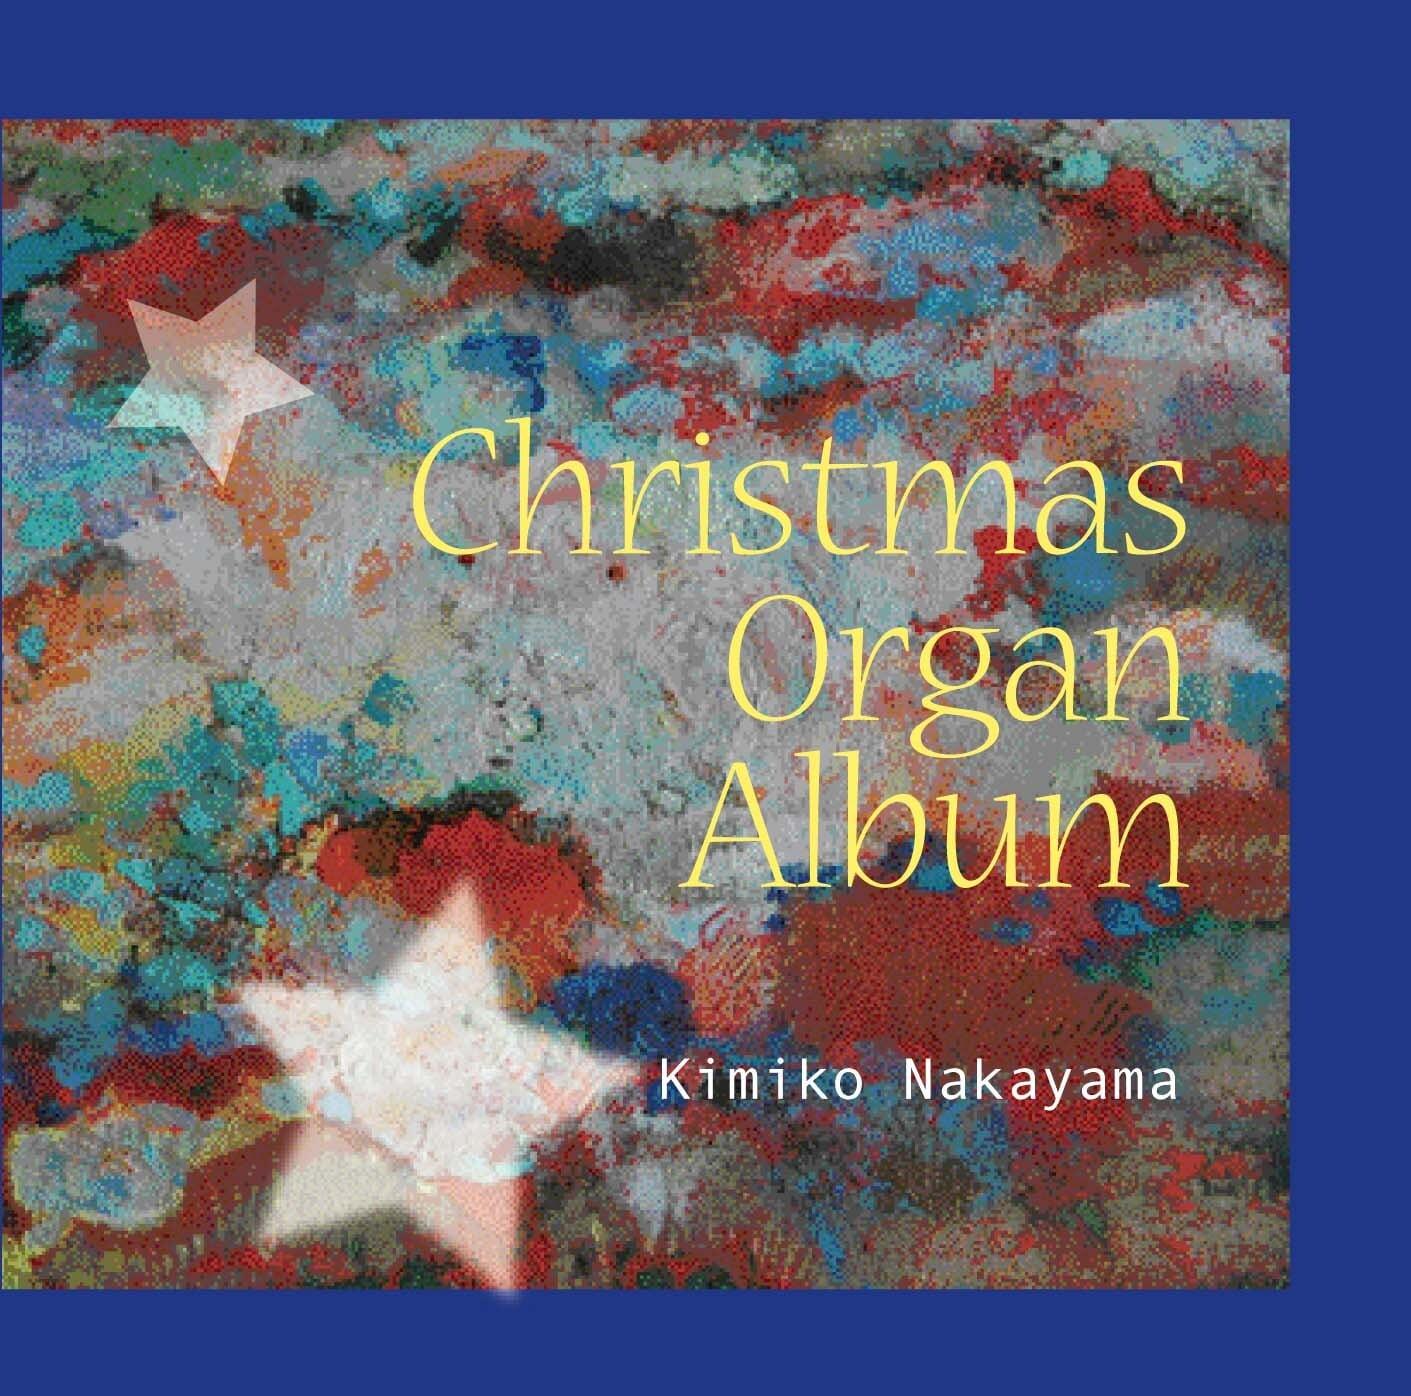 クリスマス・オルガン曲集 /中山幾美子(オルガン)